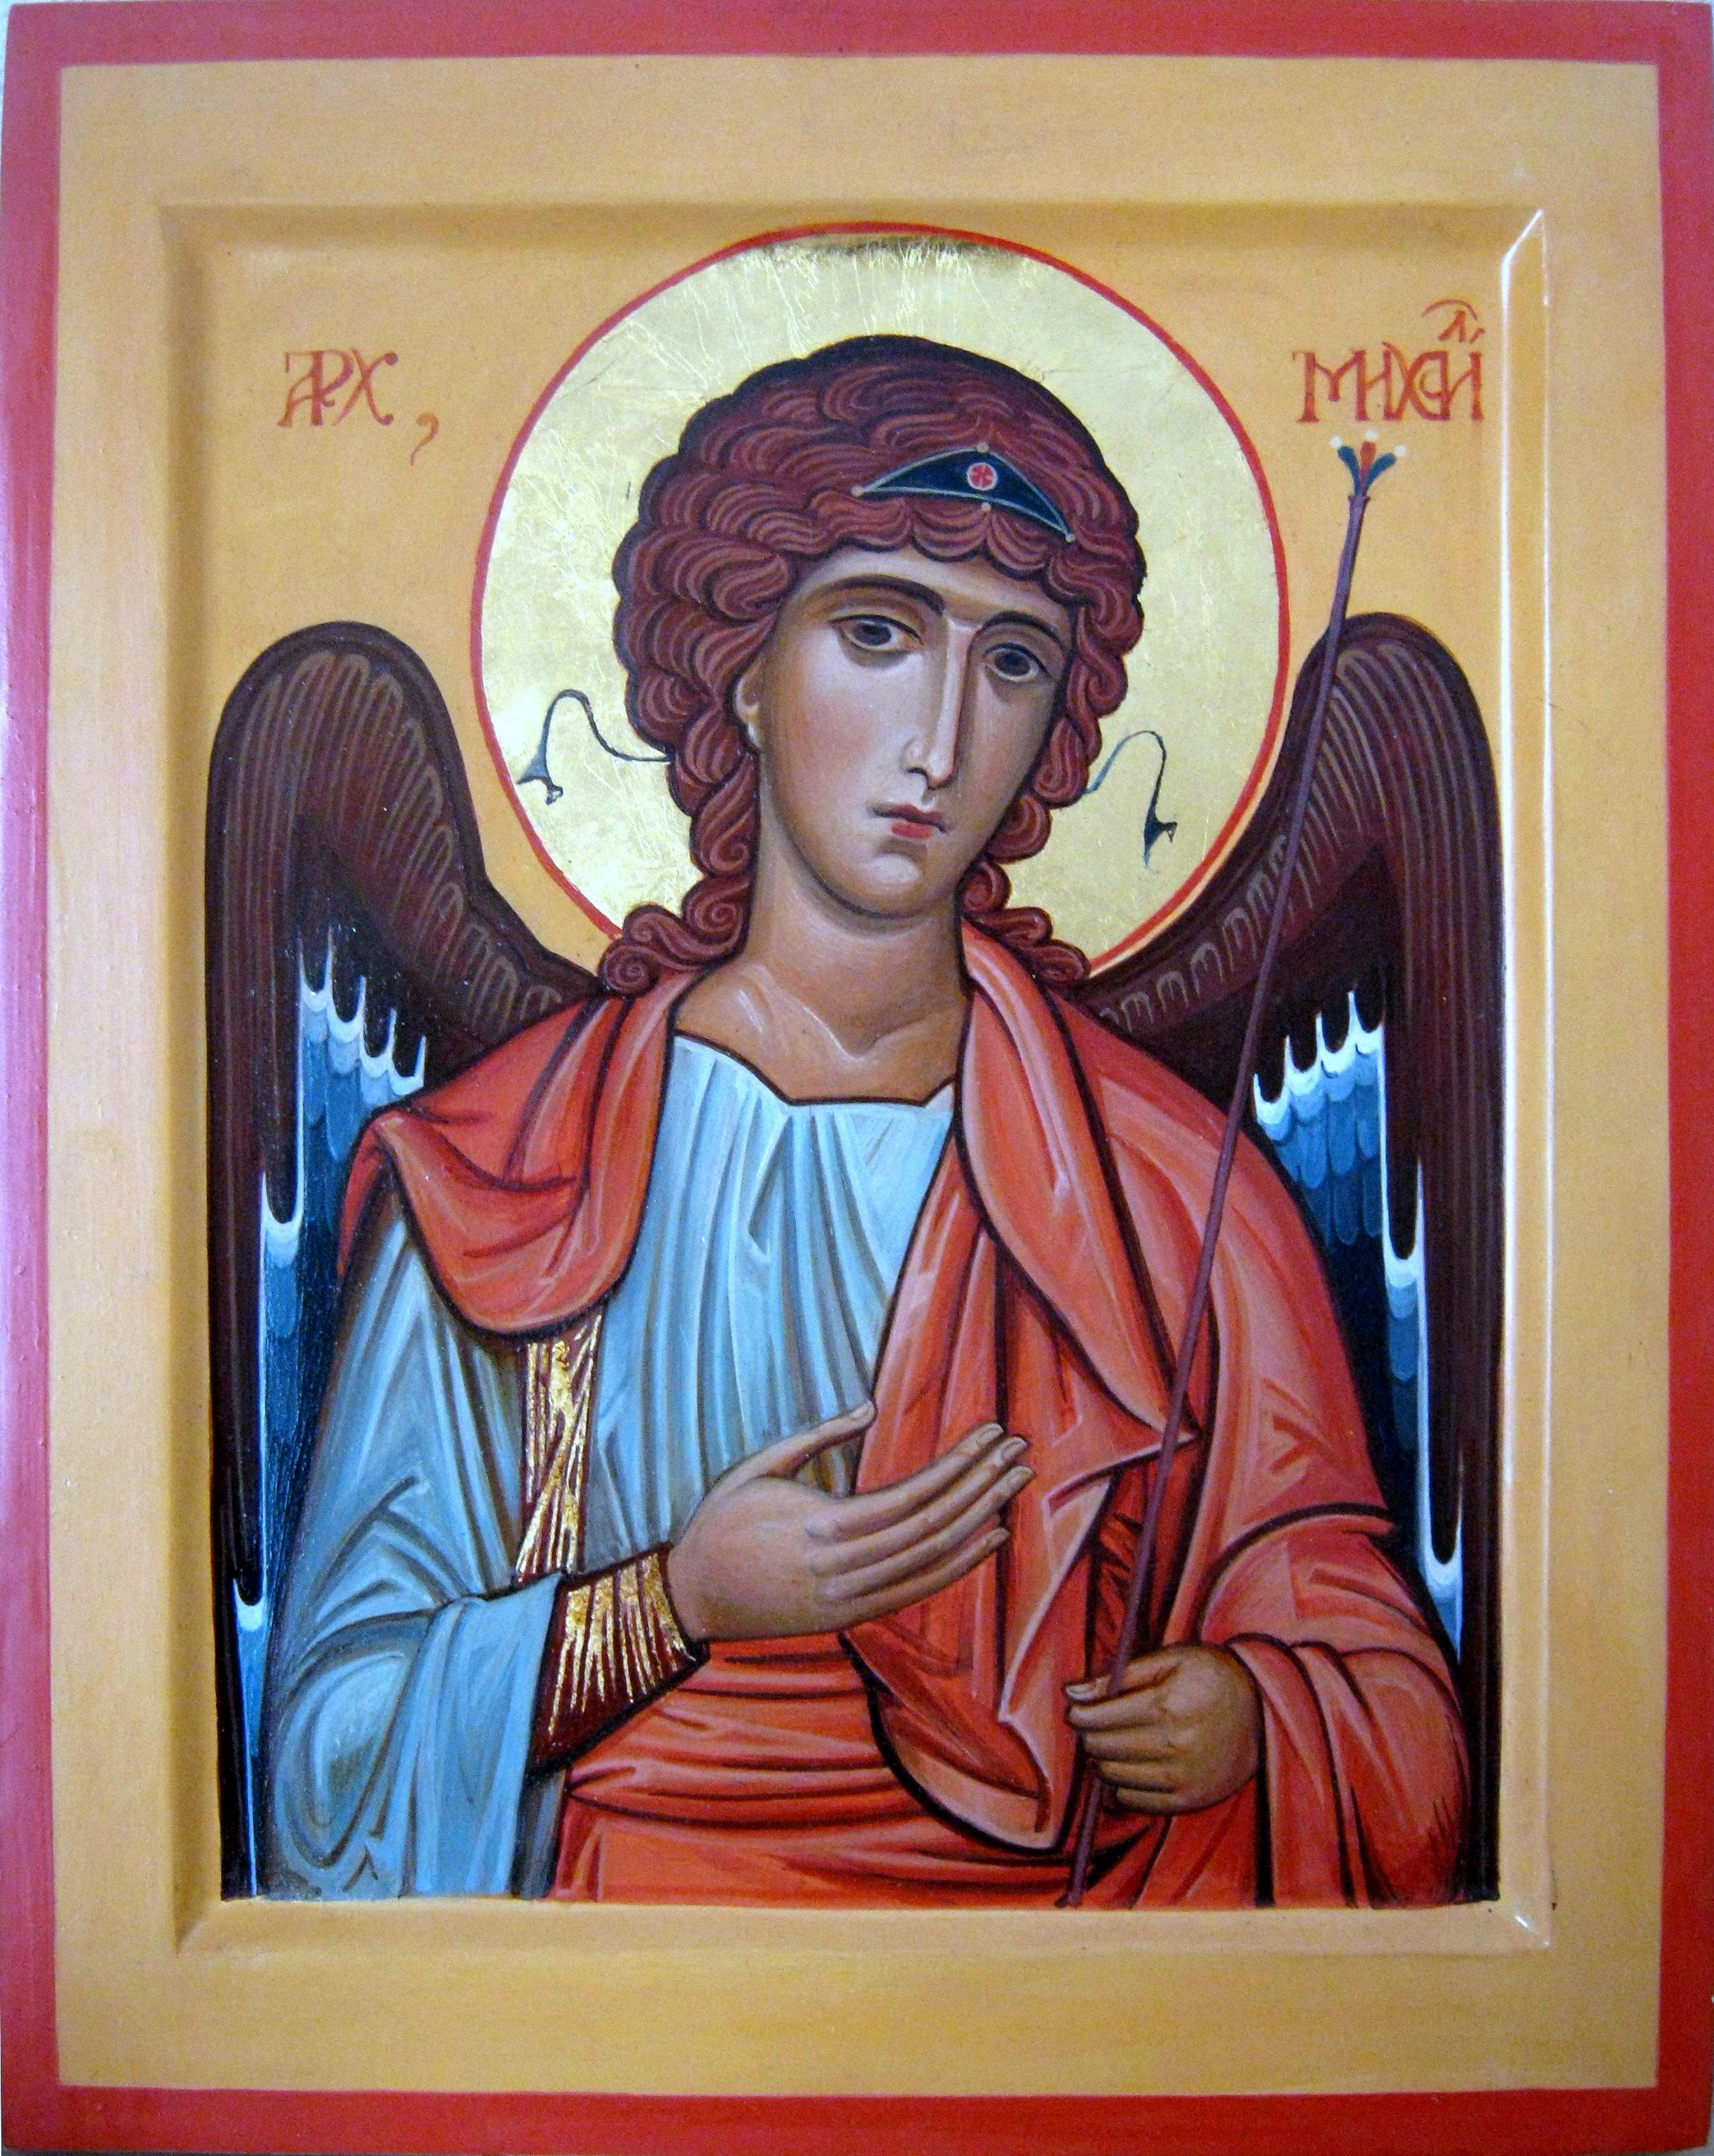 все об архангеле михаиле картинки